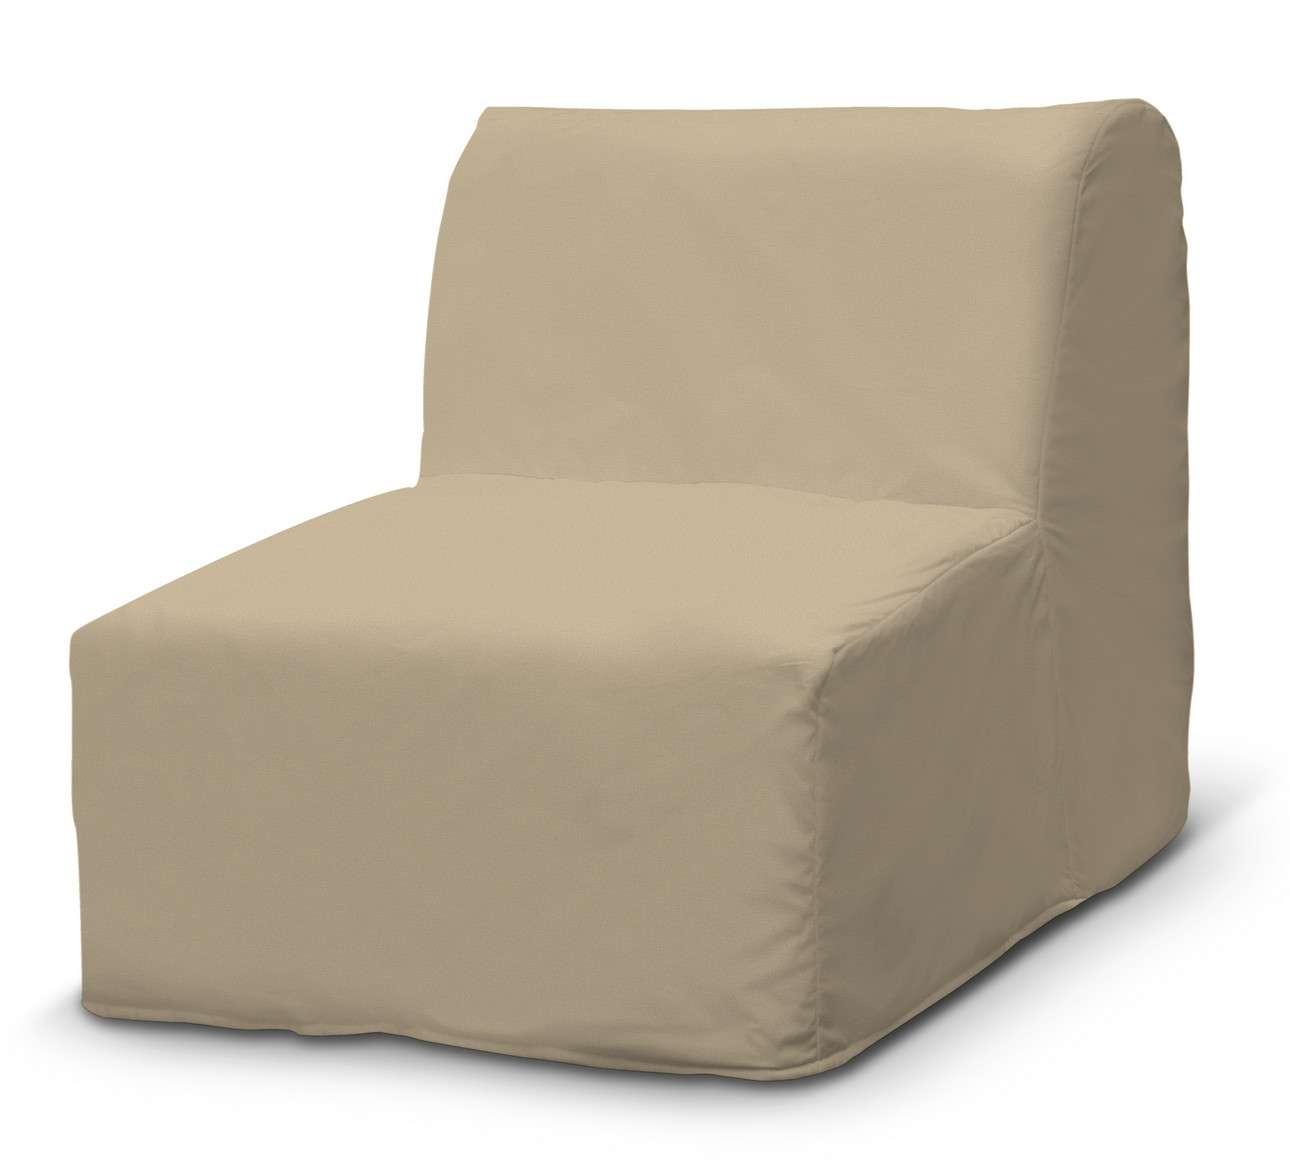 Pokrowiec na fotel Lycksele prosty w kolekcji Living II, tkanina: 160-82